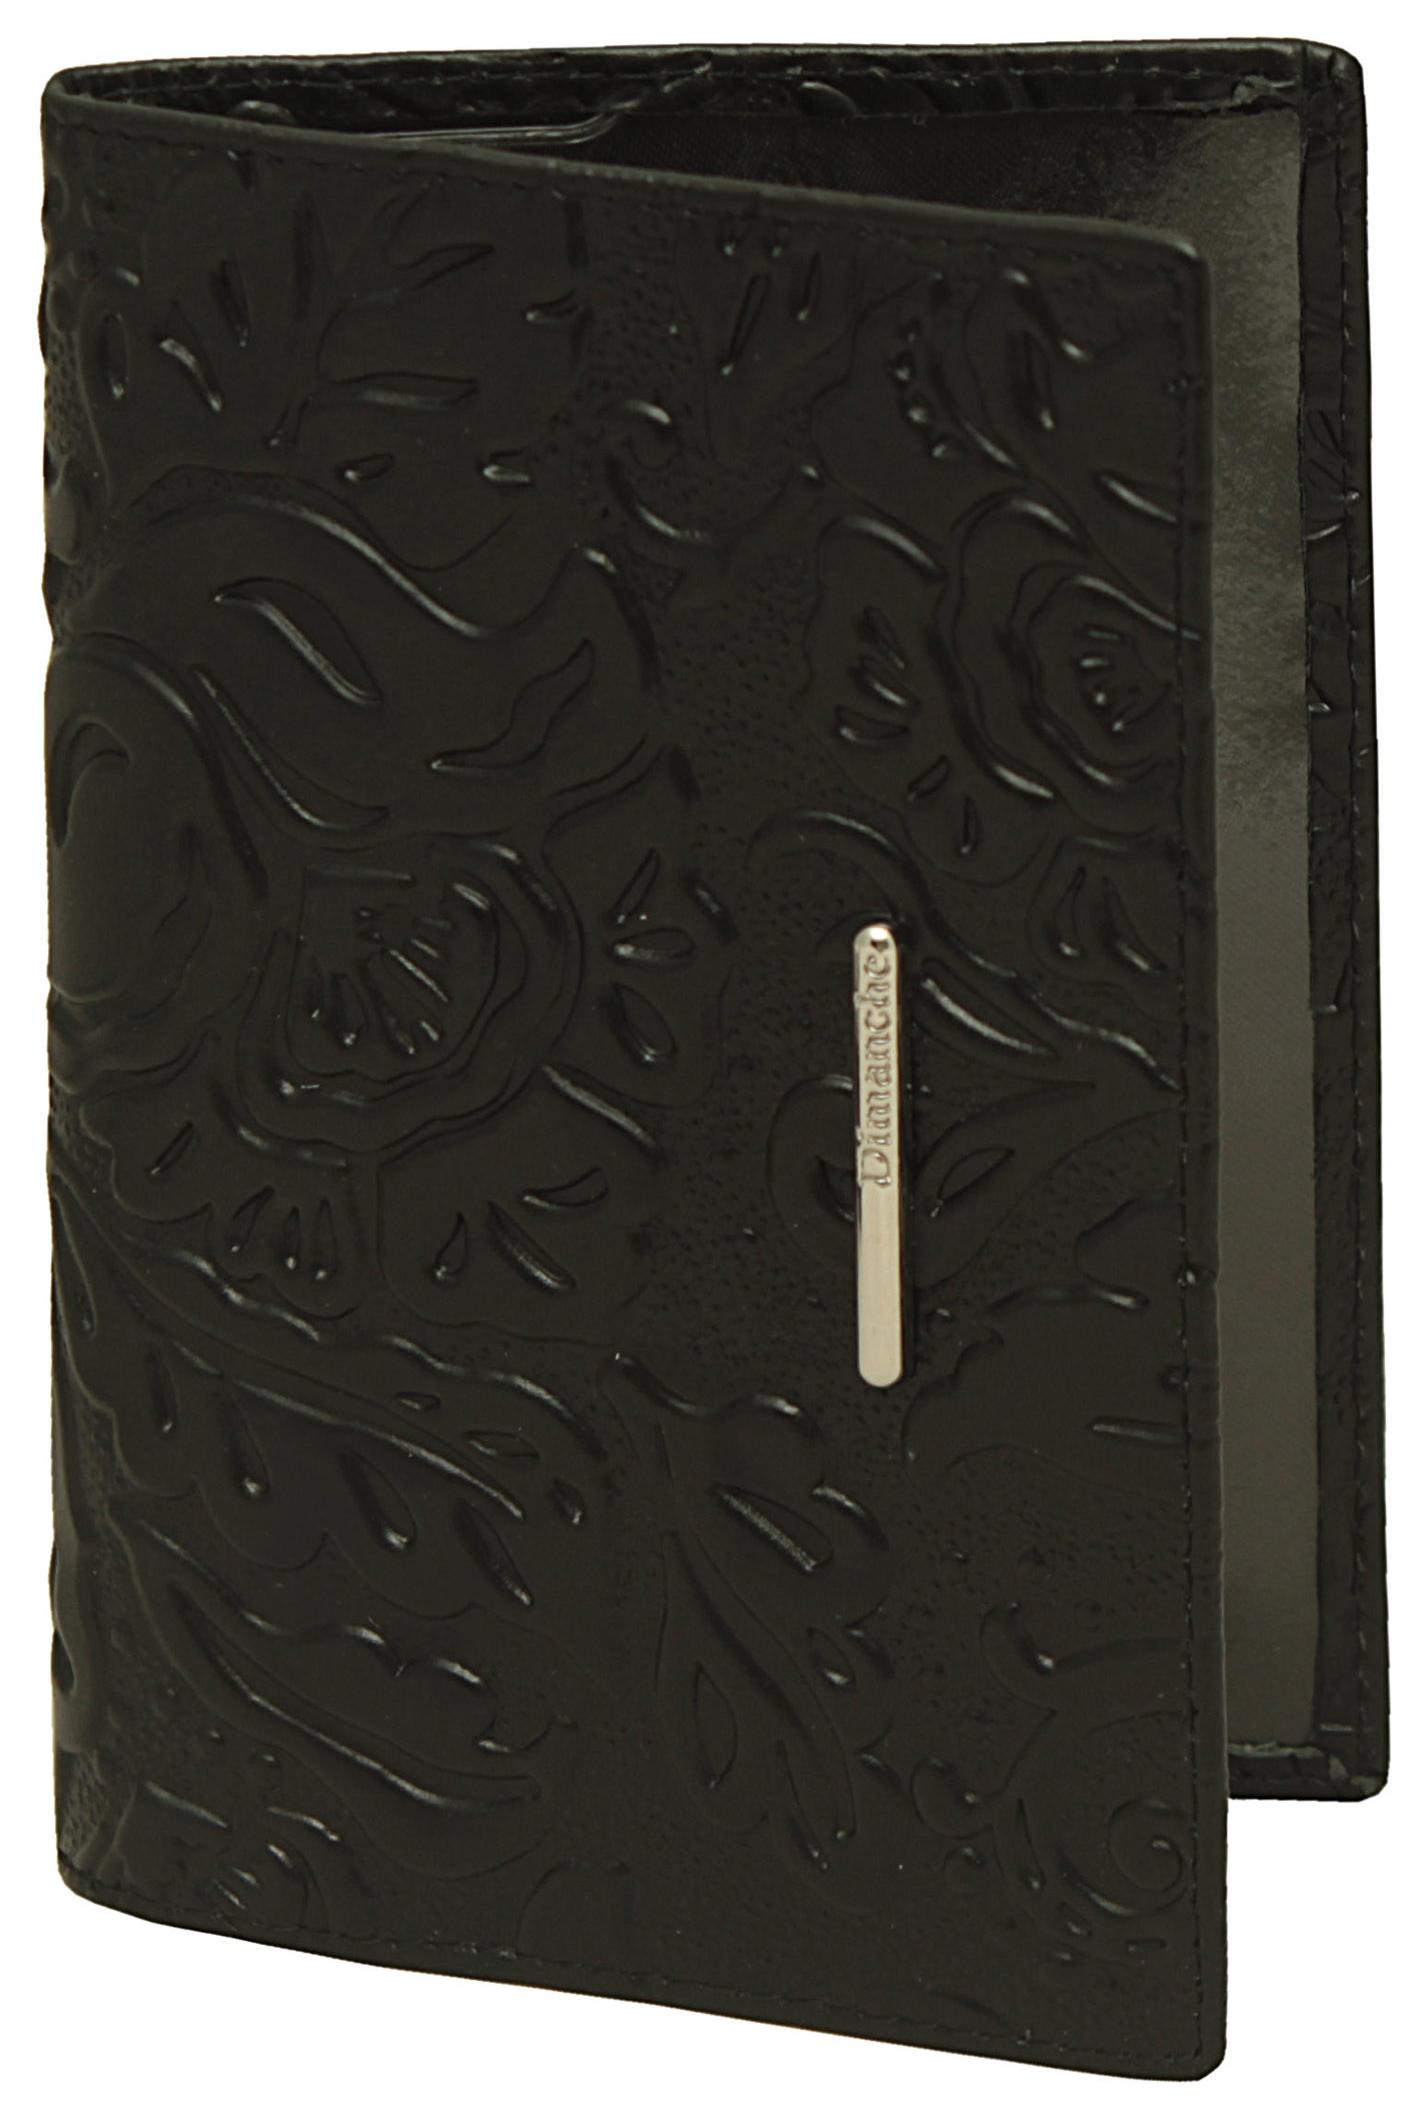 Обложка для паспорта женская Dimanche, цвет: черный. 350350Обложка для паспорта Dimanche, выполненная из натуральной лаковой кожи, оформлена декоративным тиснением и металлической пластинкой с названием бренда. Внутри расположено два кармана для фиксации документа. Обложка для паспорта сохранит внешний вид вашего документа и защитит от повреждений.